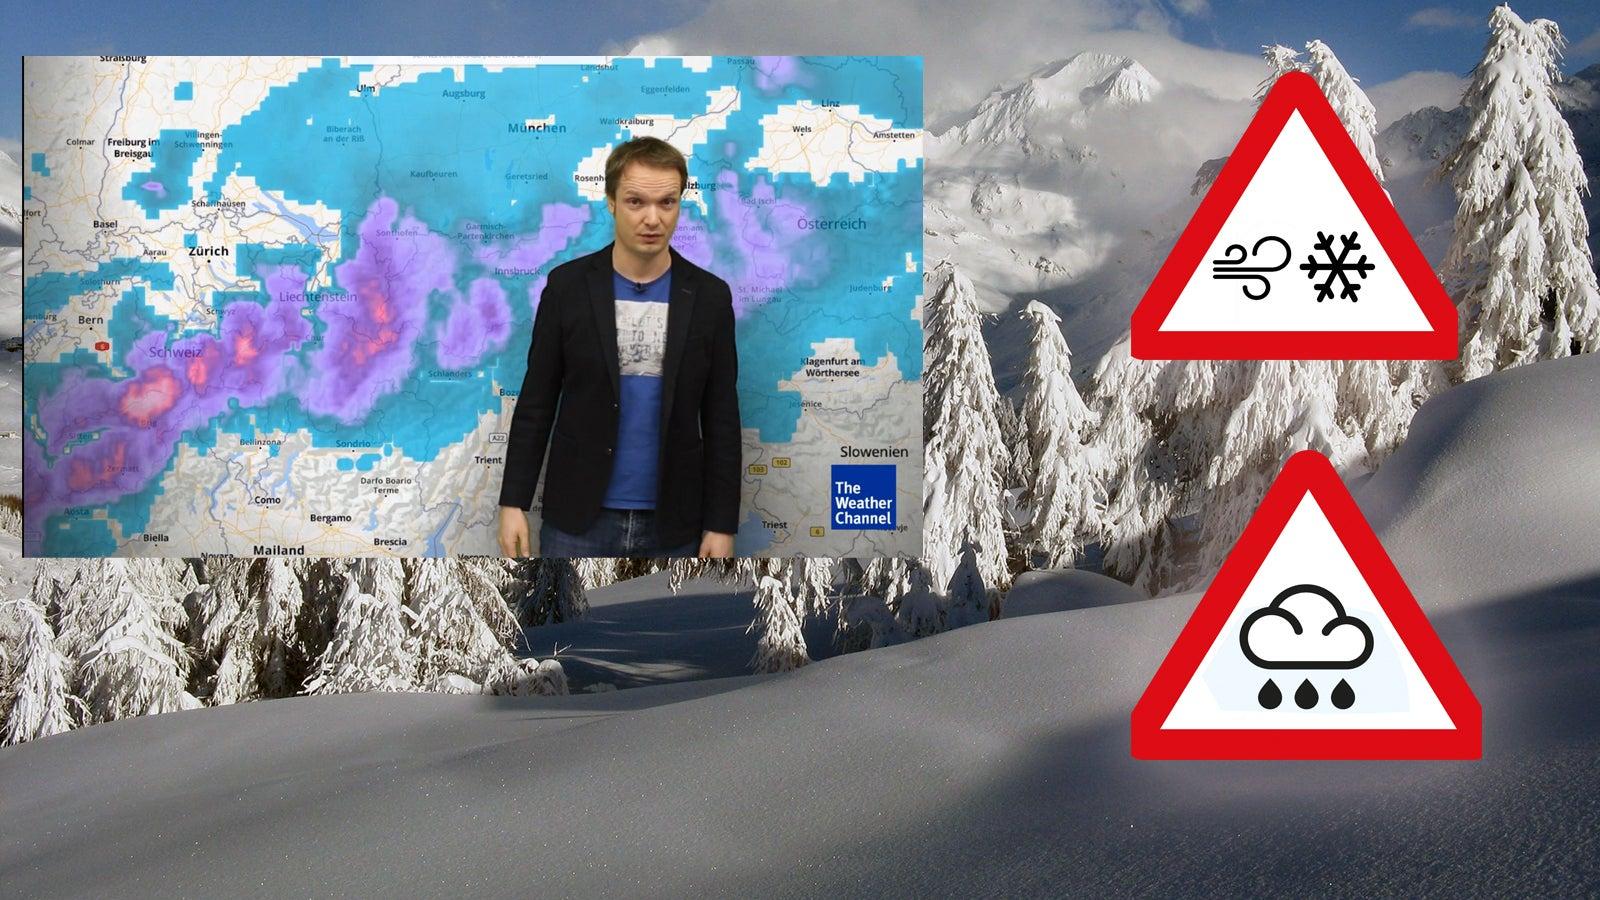 Sturm, Hochwasser, Schnee: Wo es jetzt besonders gefährlich wird